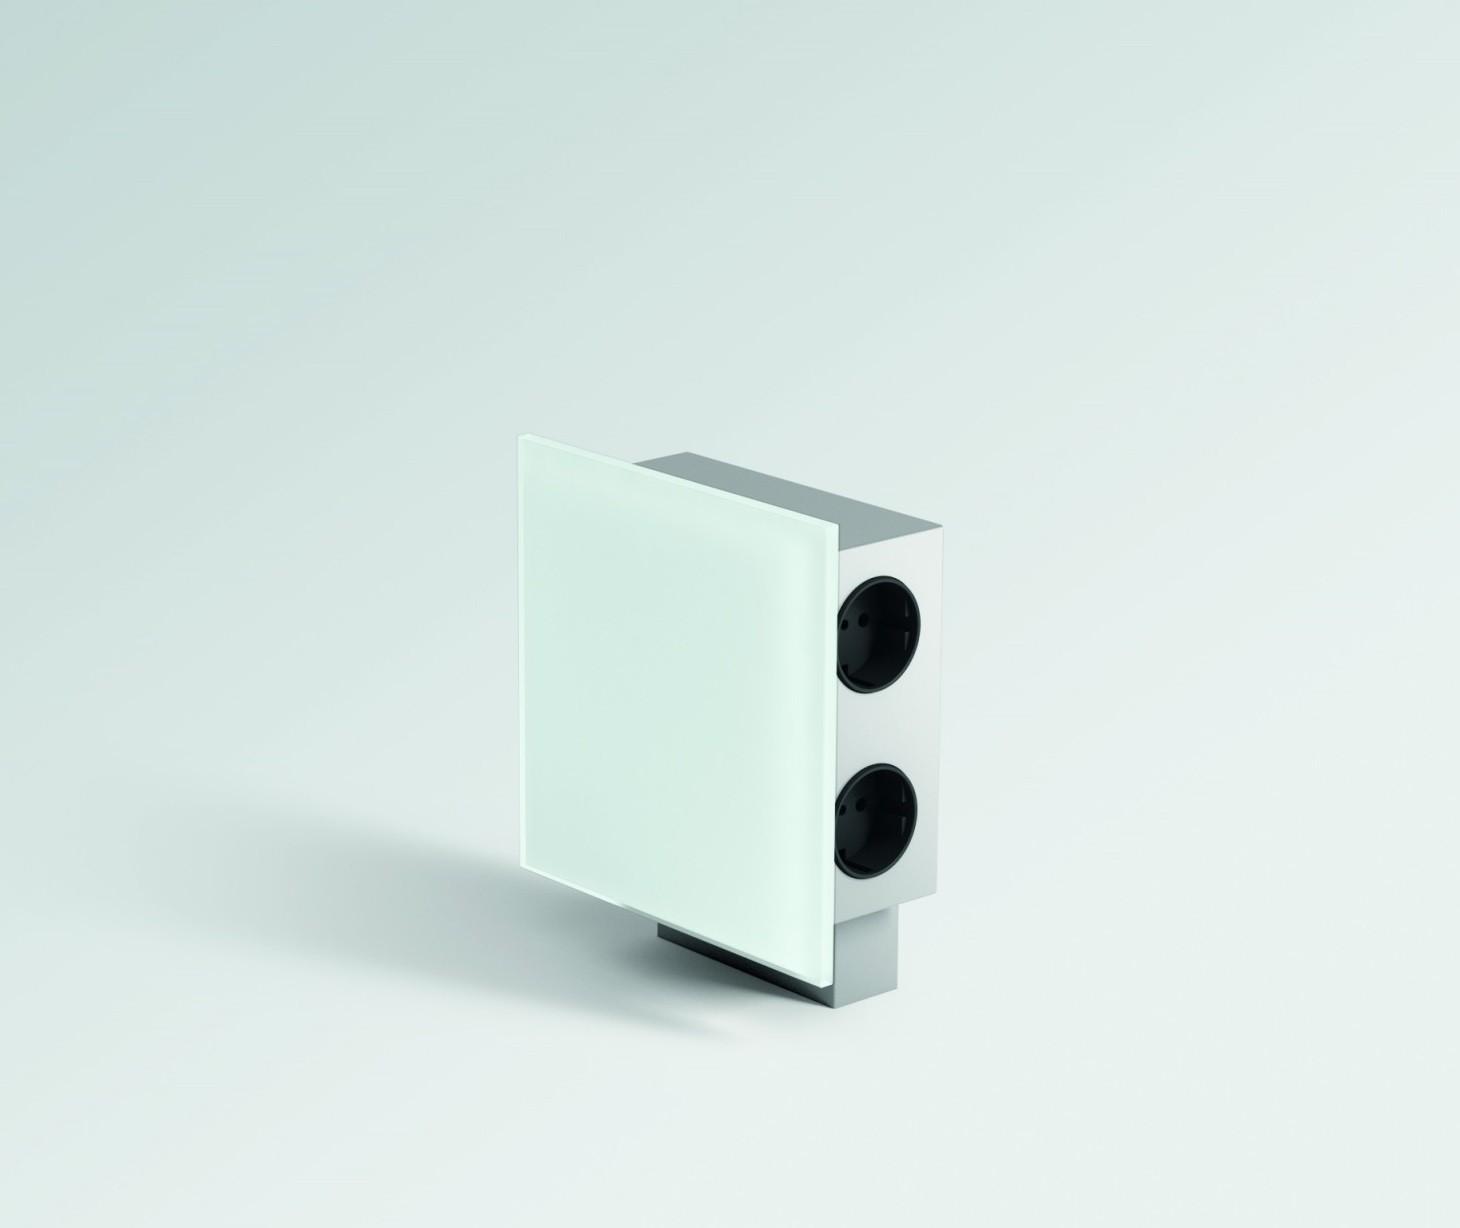 steckdoseneinheit powerquad aus edelstahl mit 2fach usb anschluss. Black Bedroom Furniture Sets. Home Design Ideas